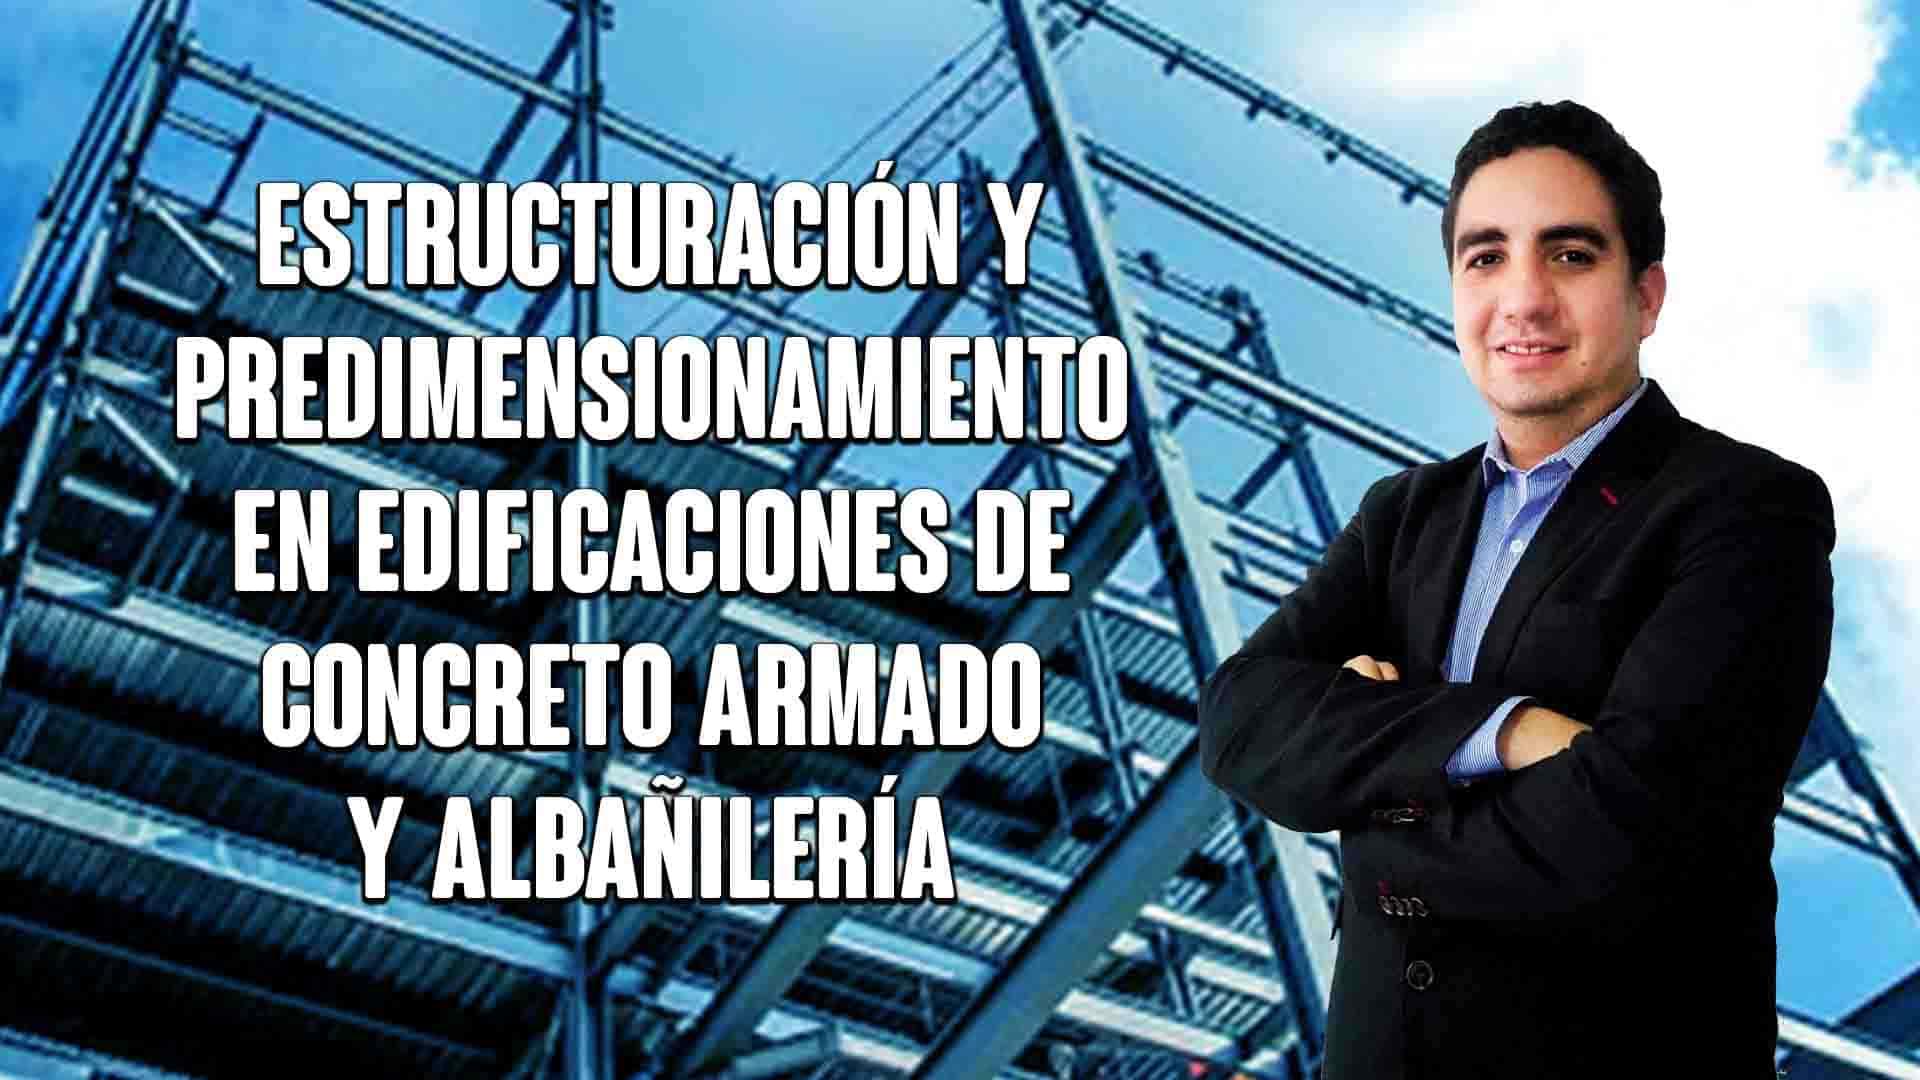 Estructuración y predimensionamiento en edificaciones de concreto armado y albañilería